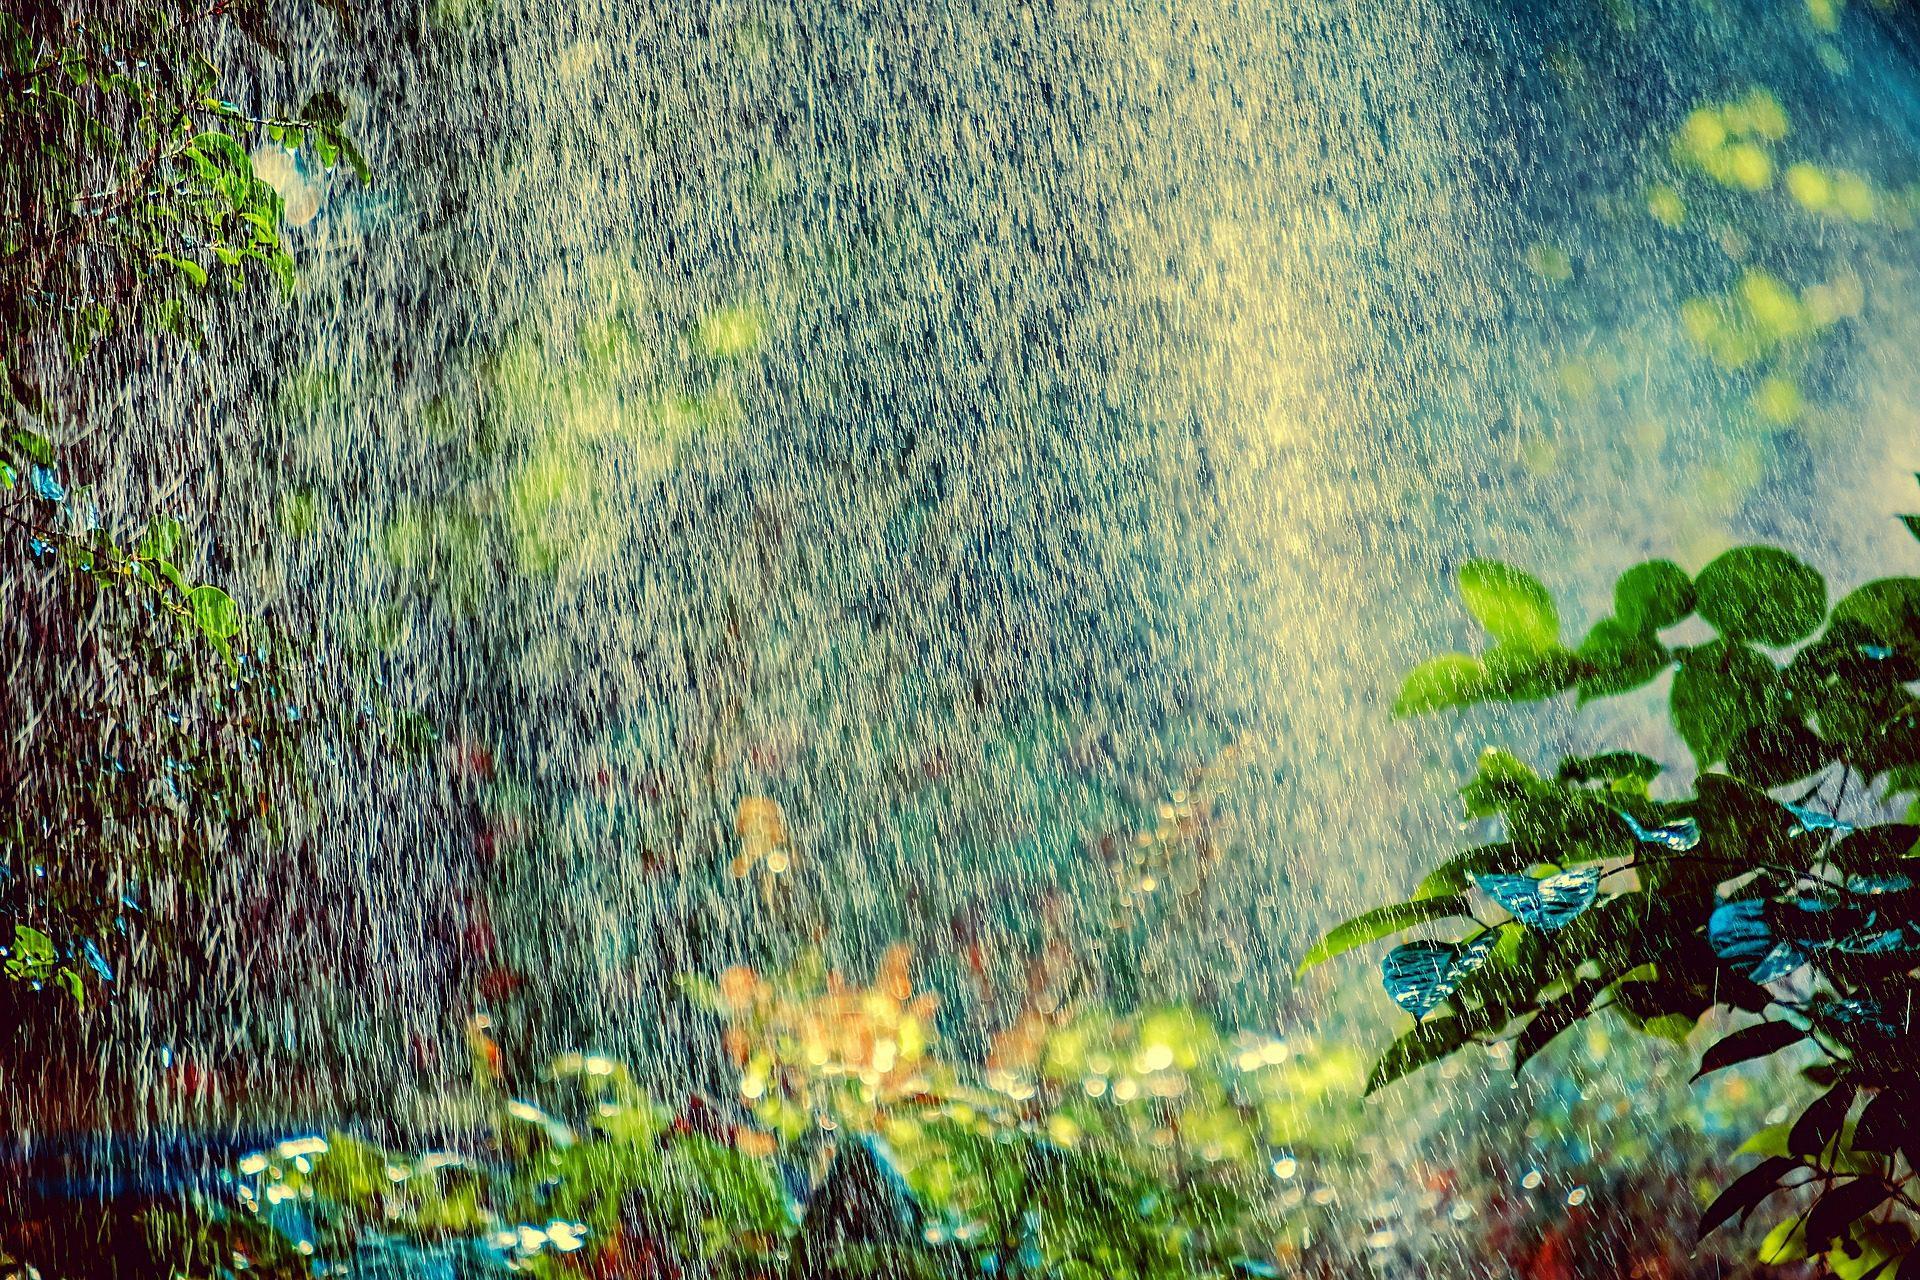 Spring Sprinkler Tune-Up